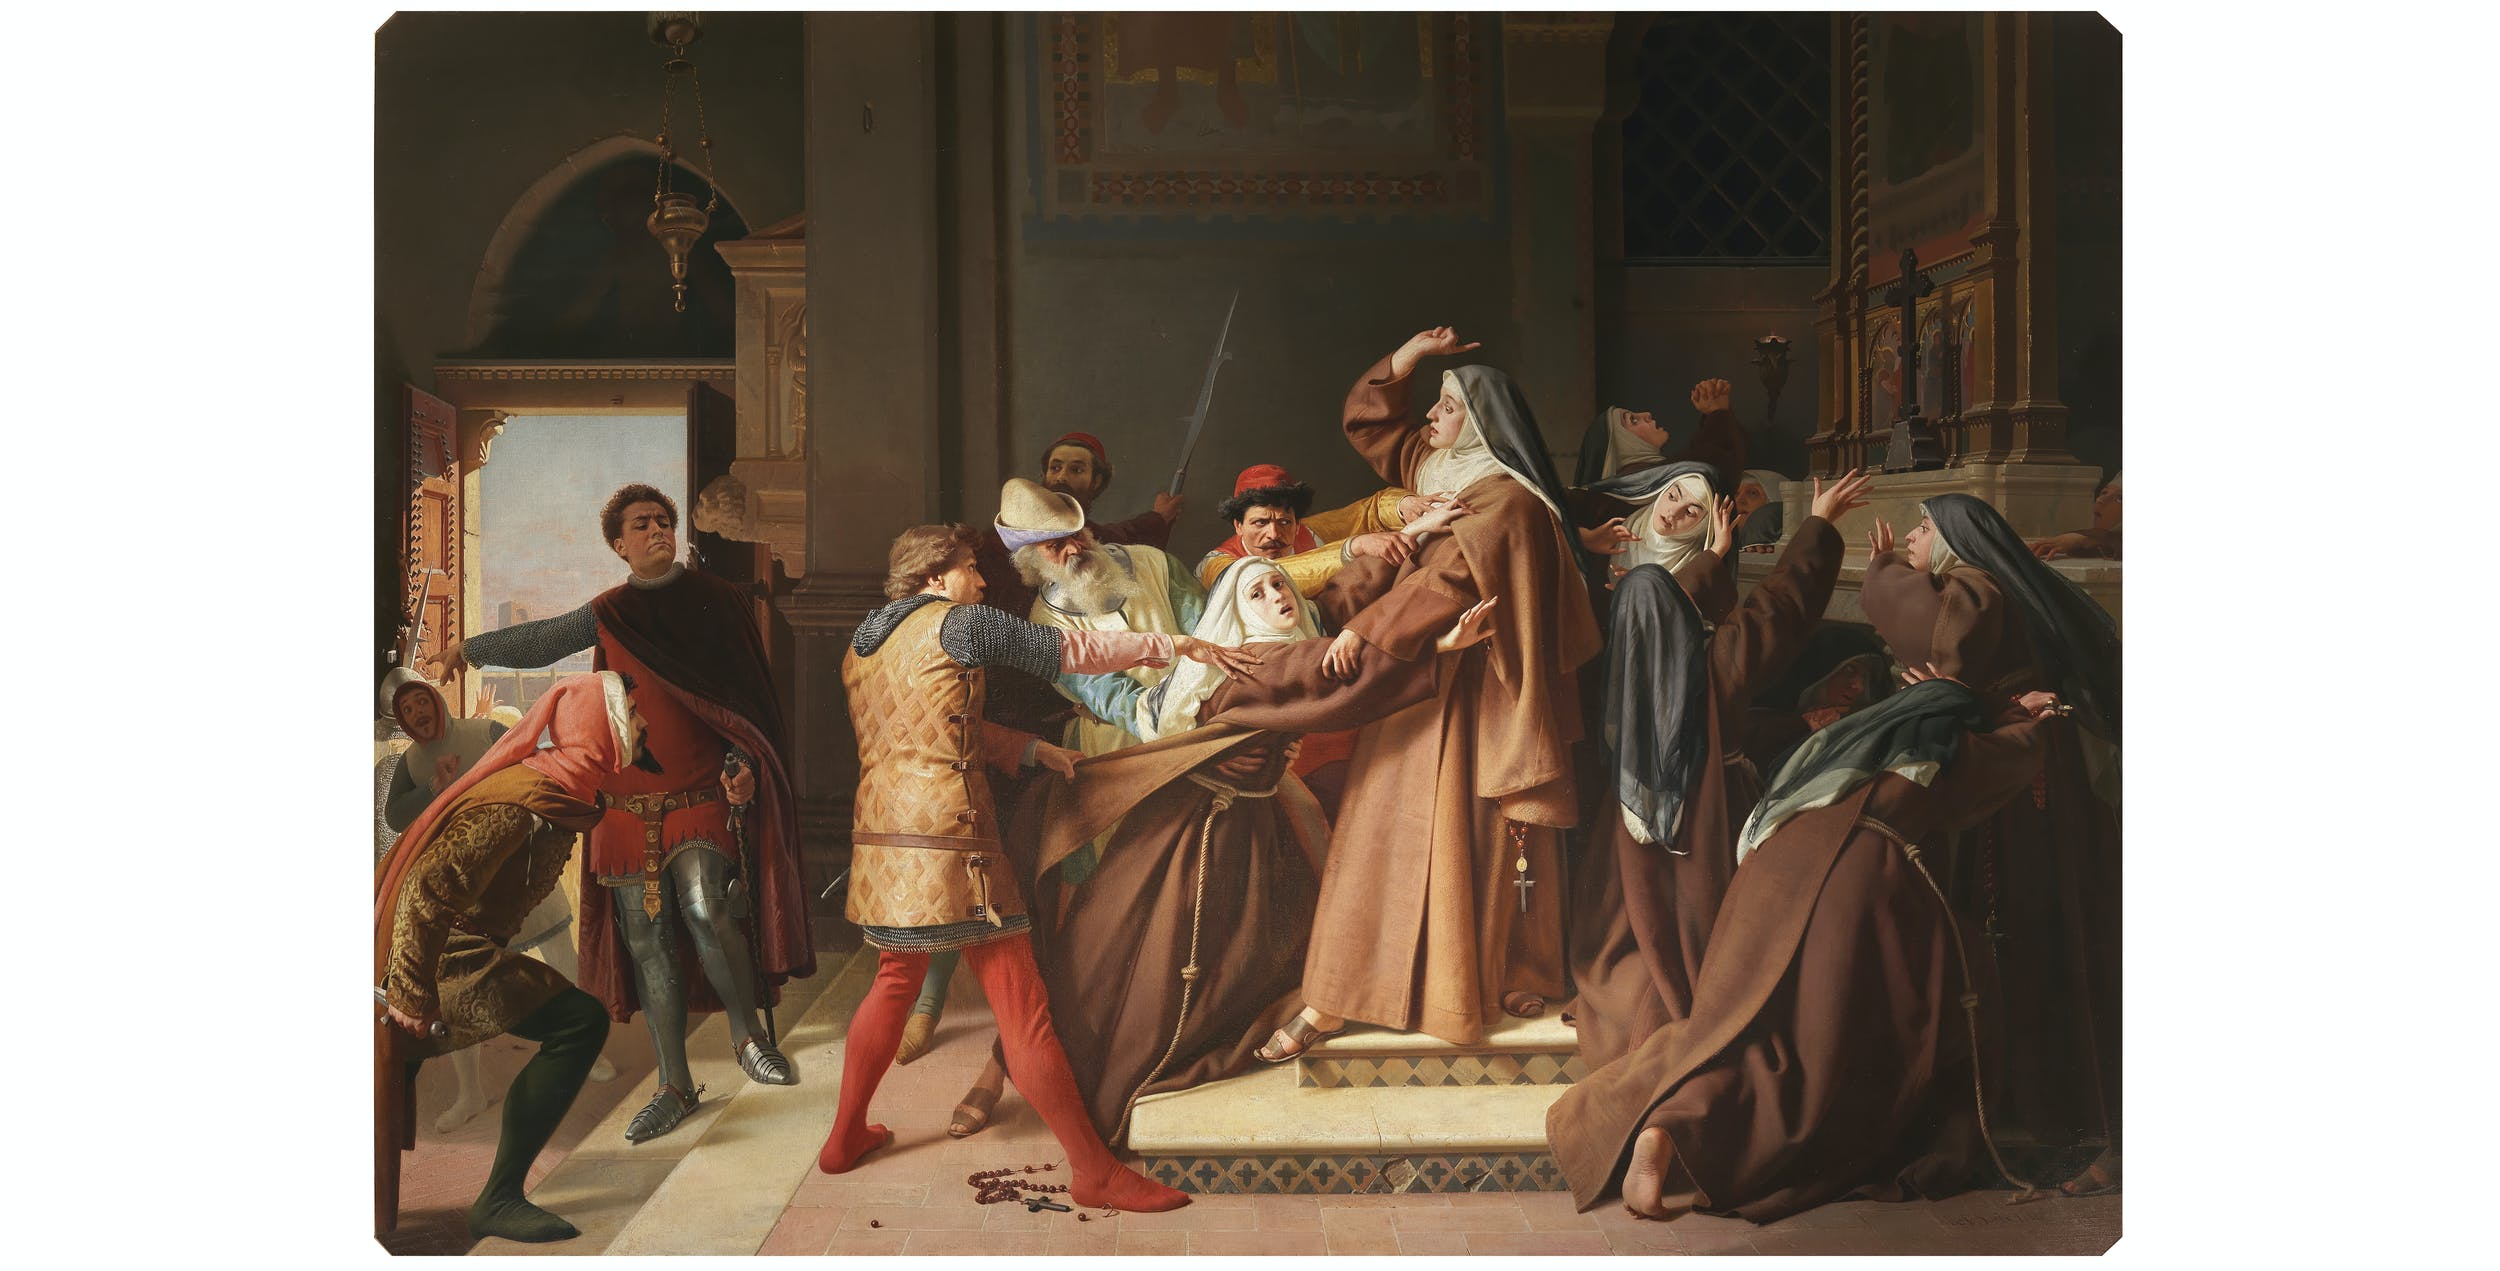 Raffaello Sorbi, Piccarda Donati fatta rapire dal convento di Santa Chiara, Palazzo Pitti, Appartamenti Imperiali e Reali